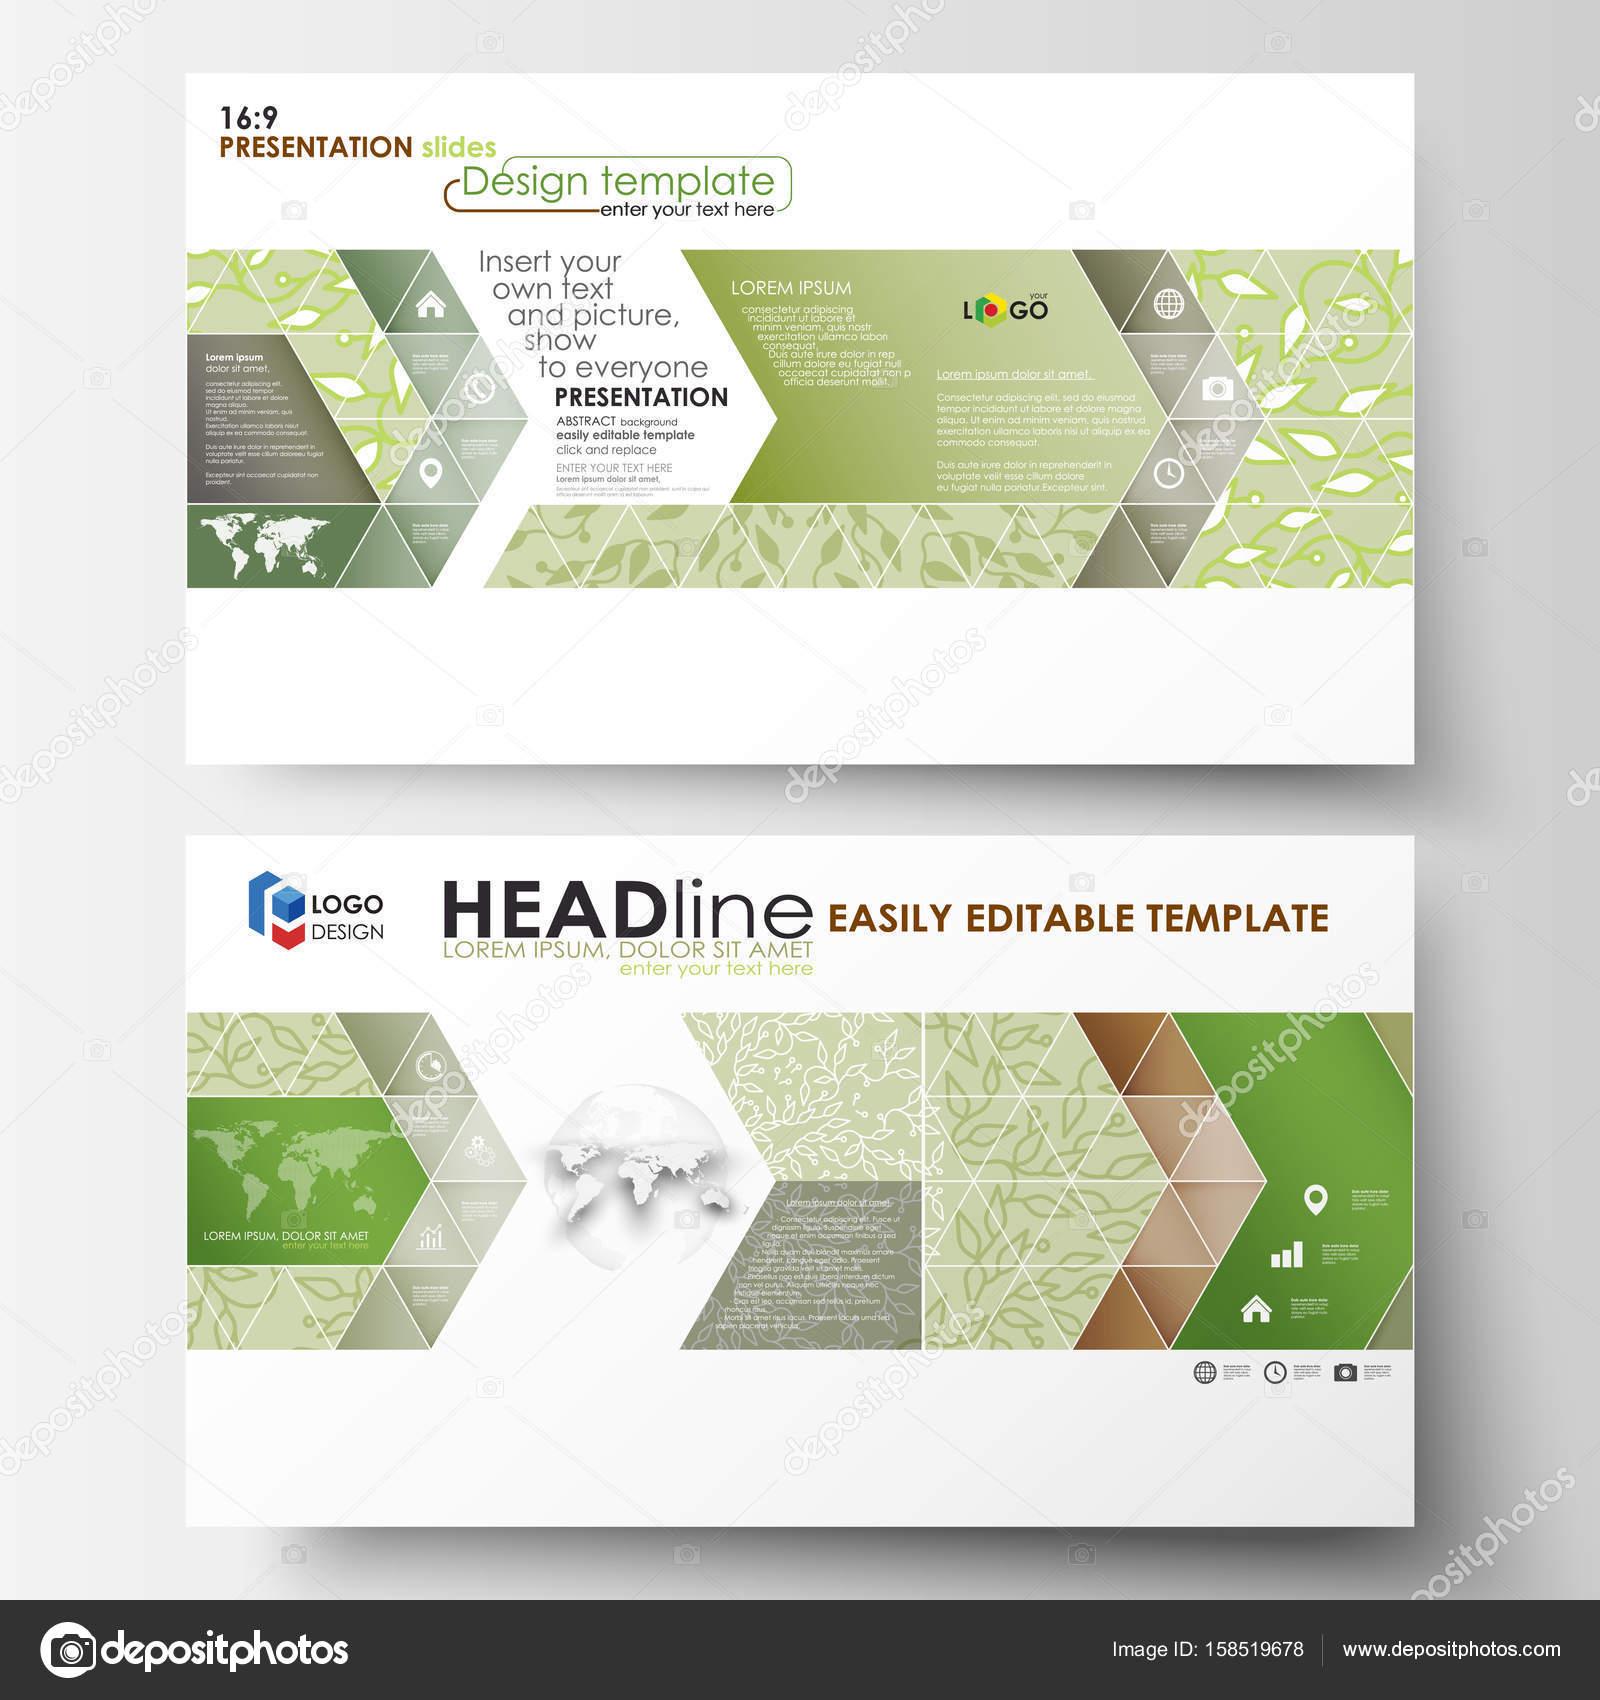 Einfach Bearbeitbar Abstrakten Layouts Im Flat Design, Vektor Illustration.  Grüne Hintergrundfarbe Mit Blättern. Spa Konzept In Linearen Stil.